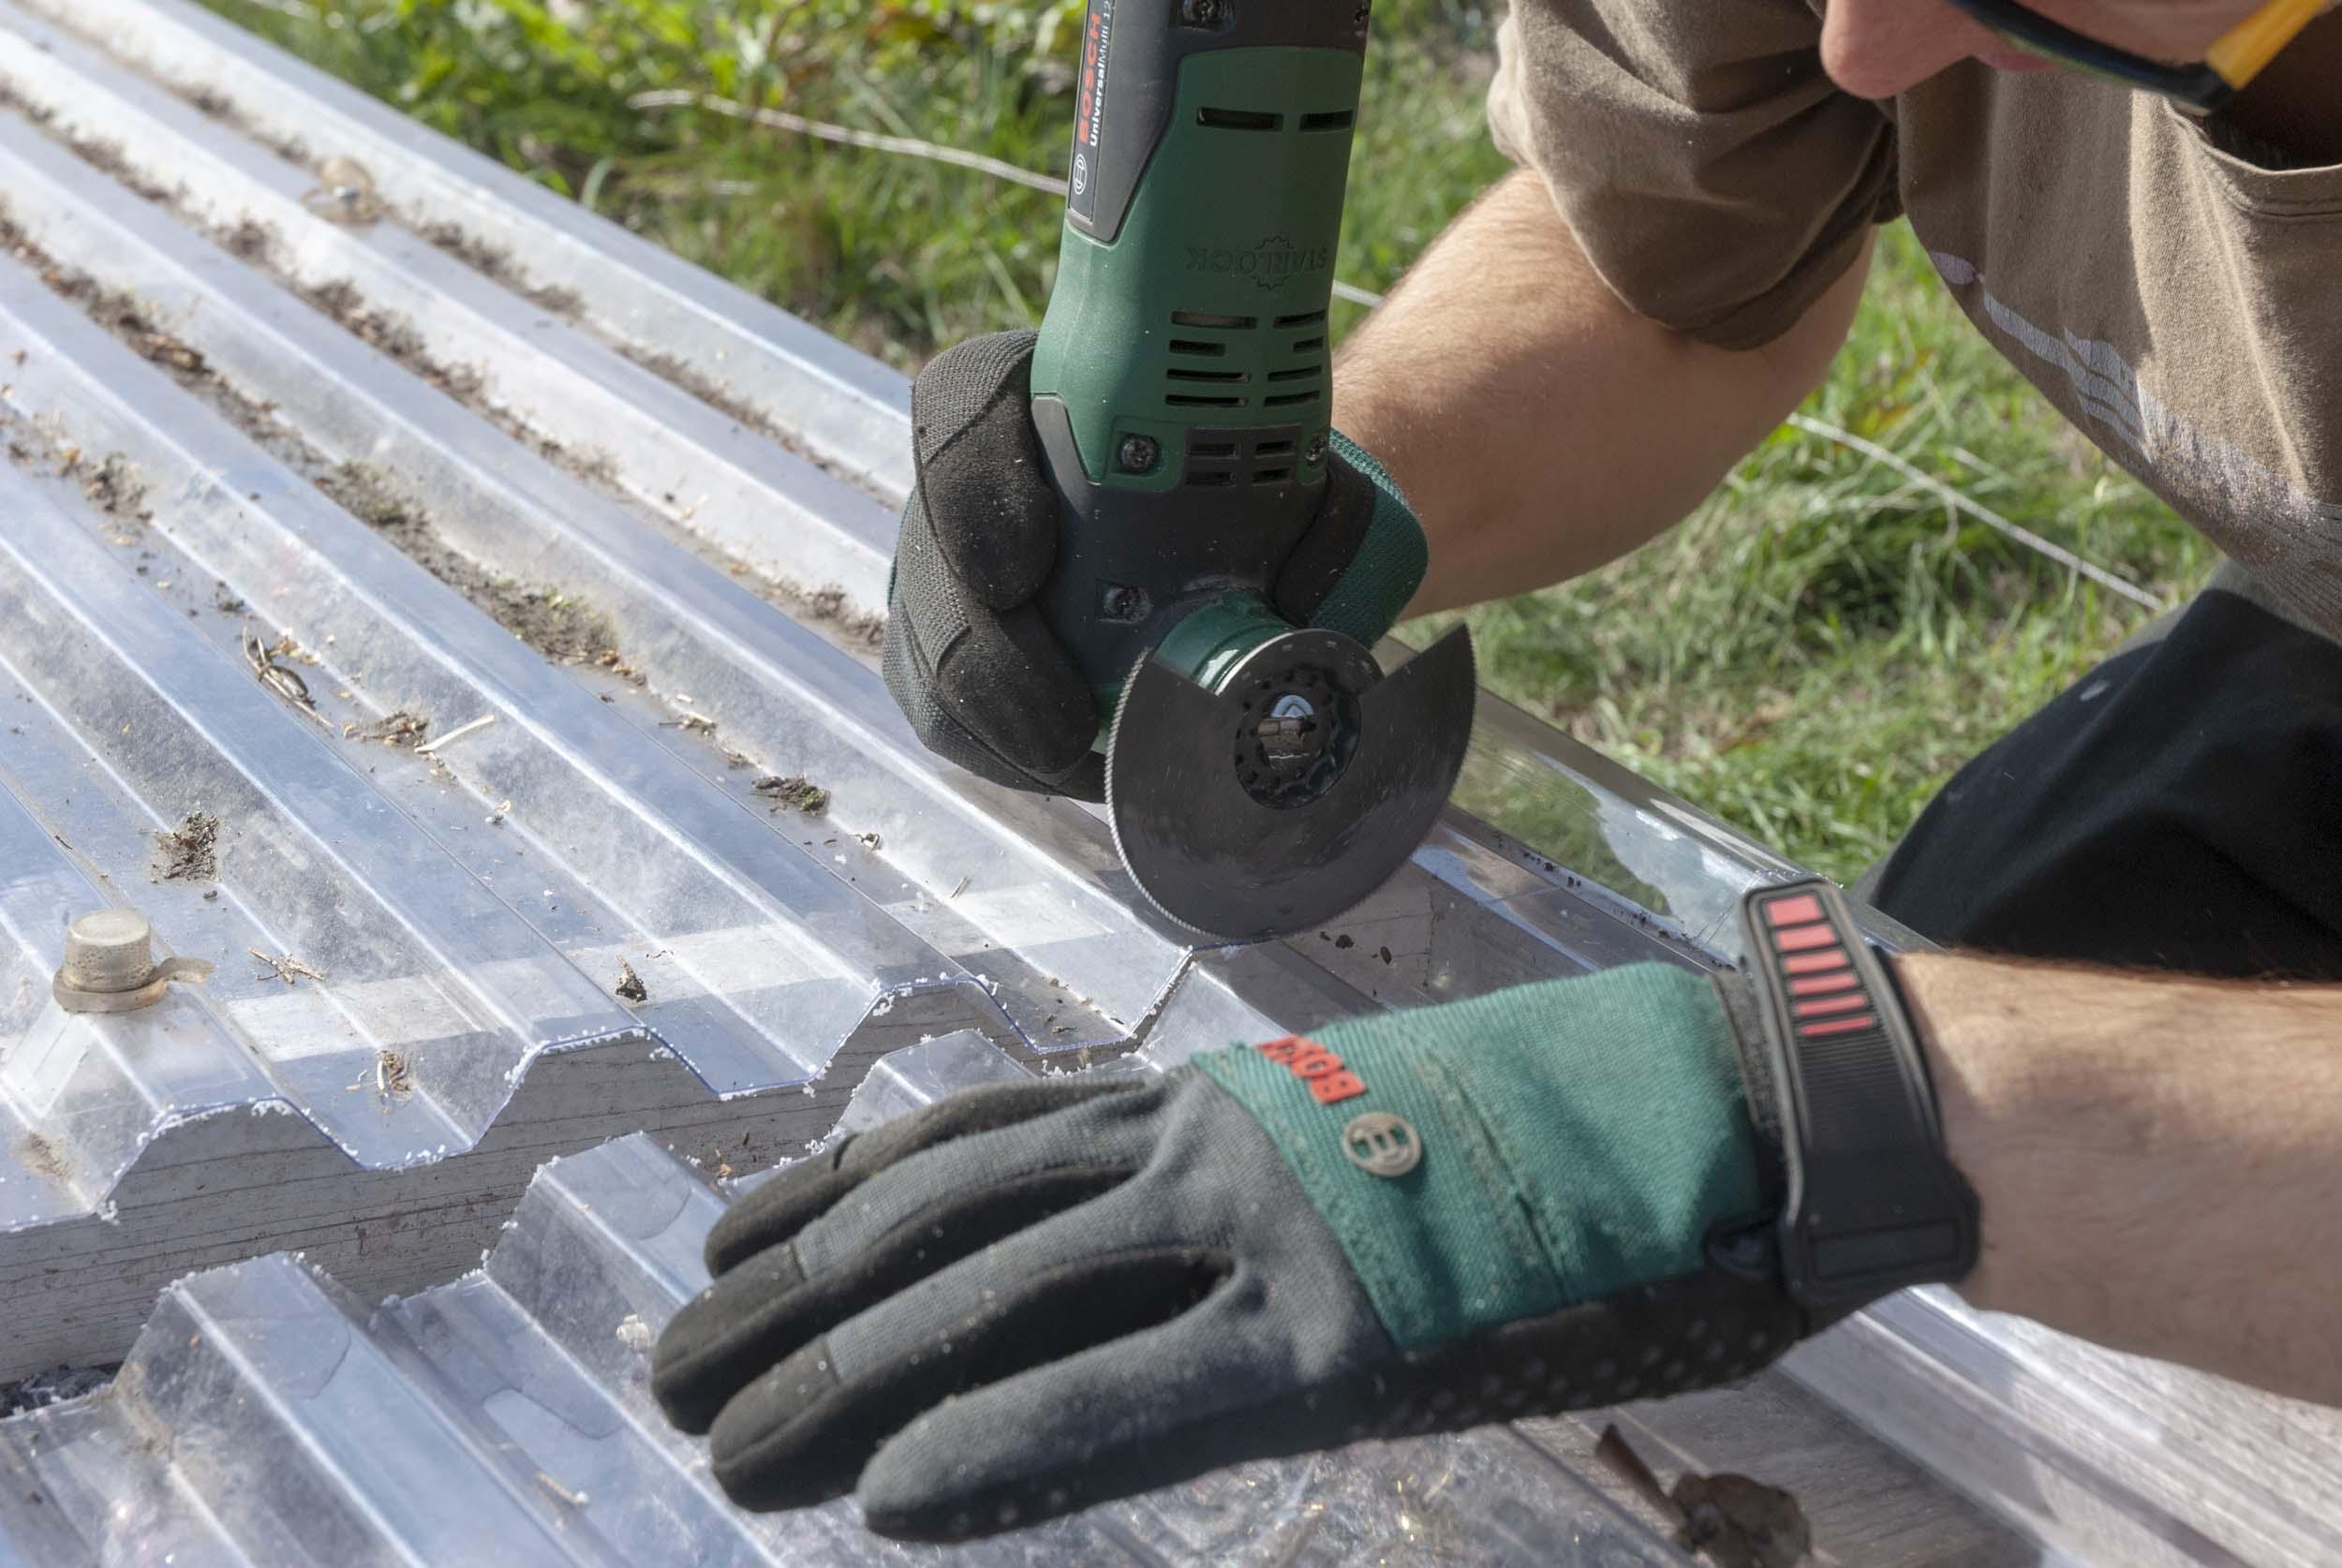 Bekannt gewaechshaus-selbst-bauen-wellplatte-schneiden – Ein Stück Arbeit LU26